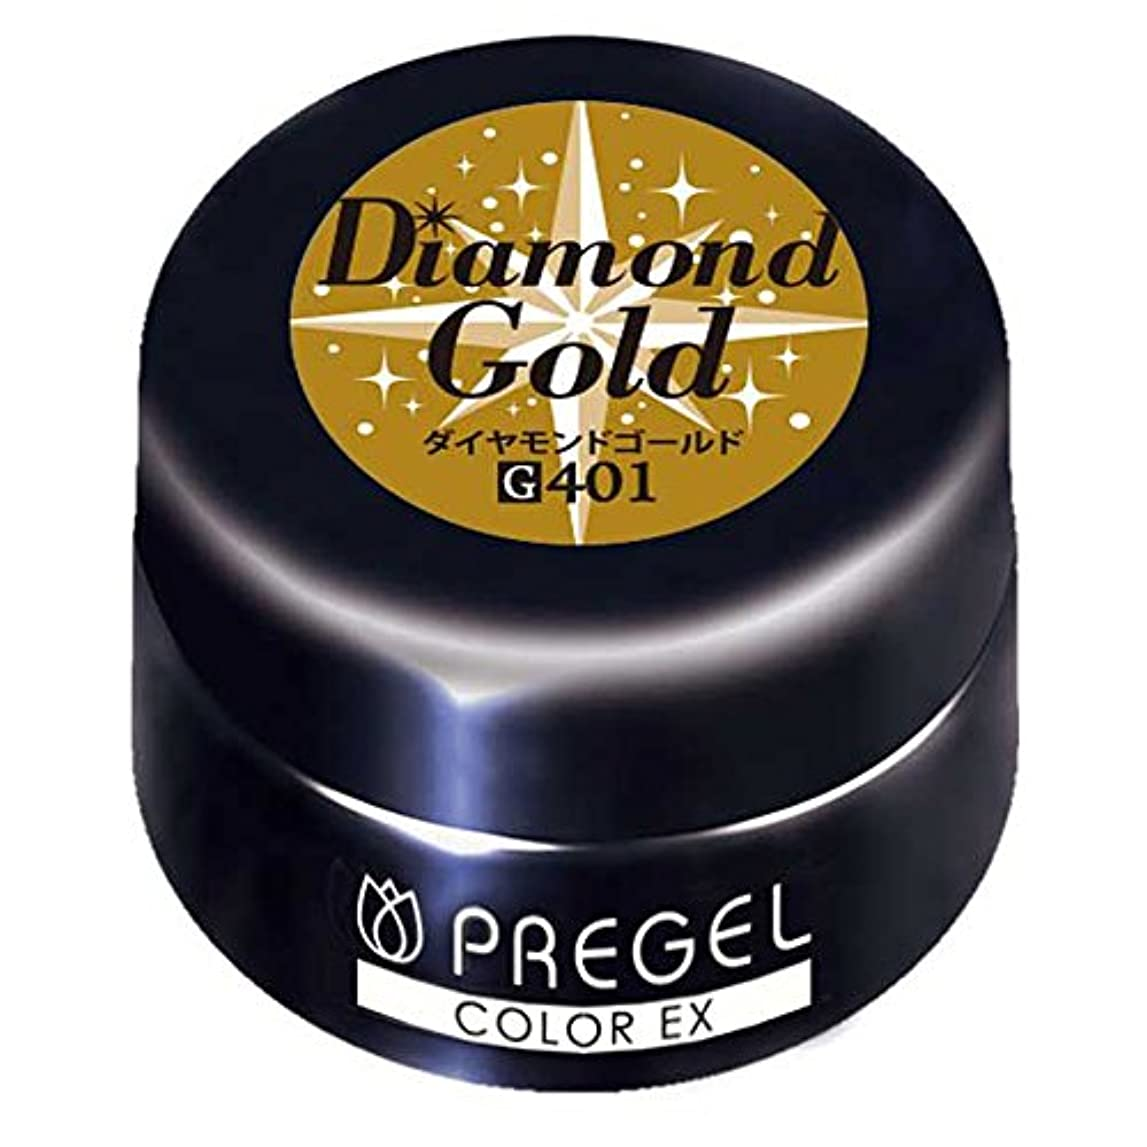 フルート信頼時折PRE GEL カラーEX ダイヤモンドゴールドCE401 UV/LED対応 カラージェル